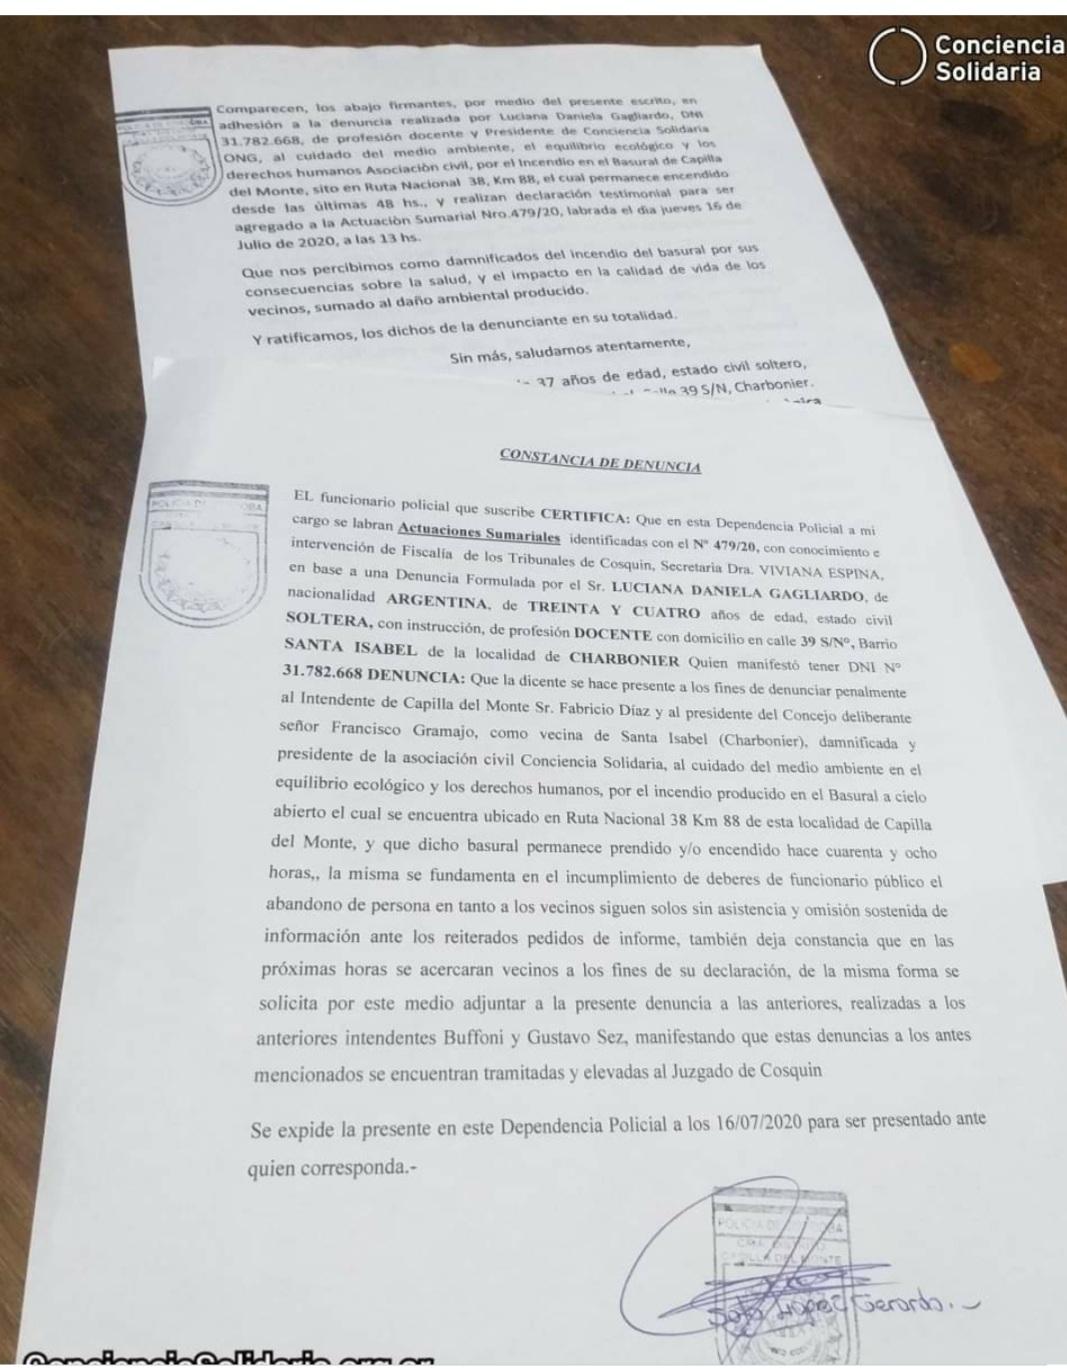 Capilla del Monte : Denuncian penalmente al intendente Diaz y al presidente del Concejo, por el incendio en el basural